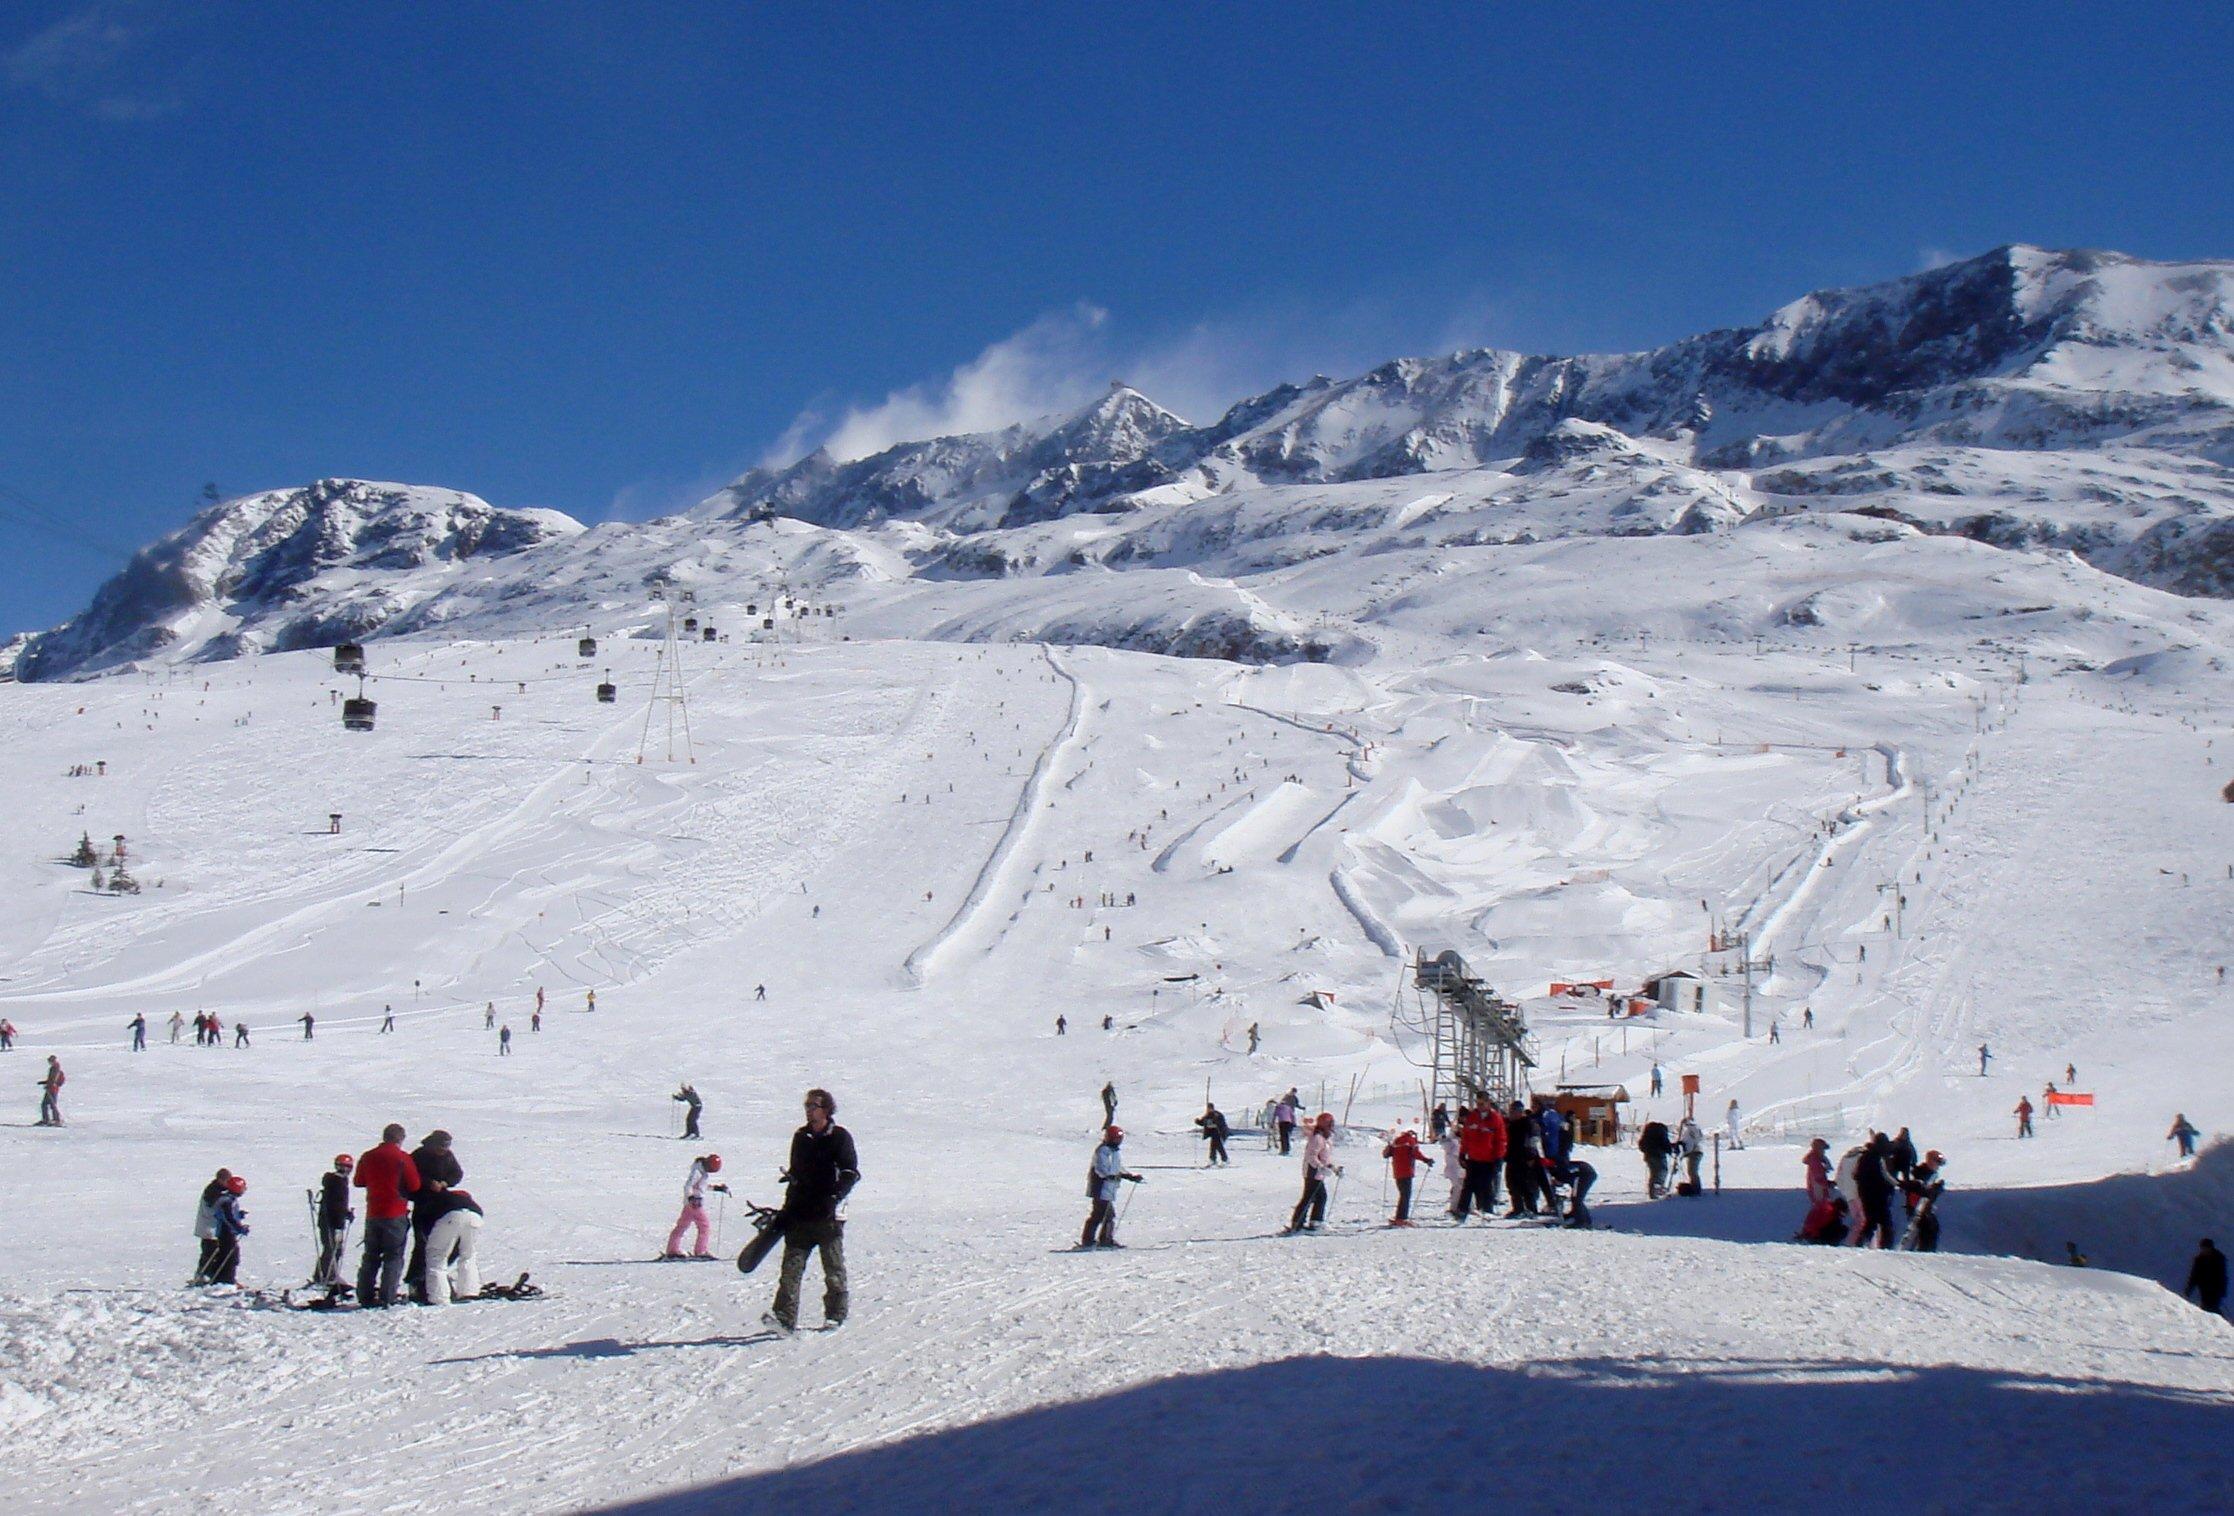 Séjour ski tout compris : les stations de ski idéales pour les débutants